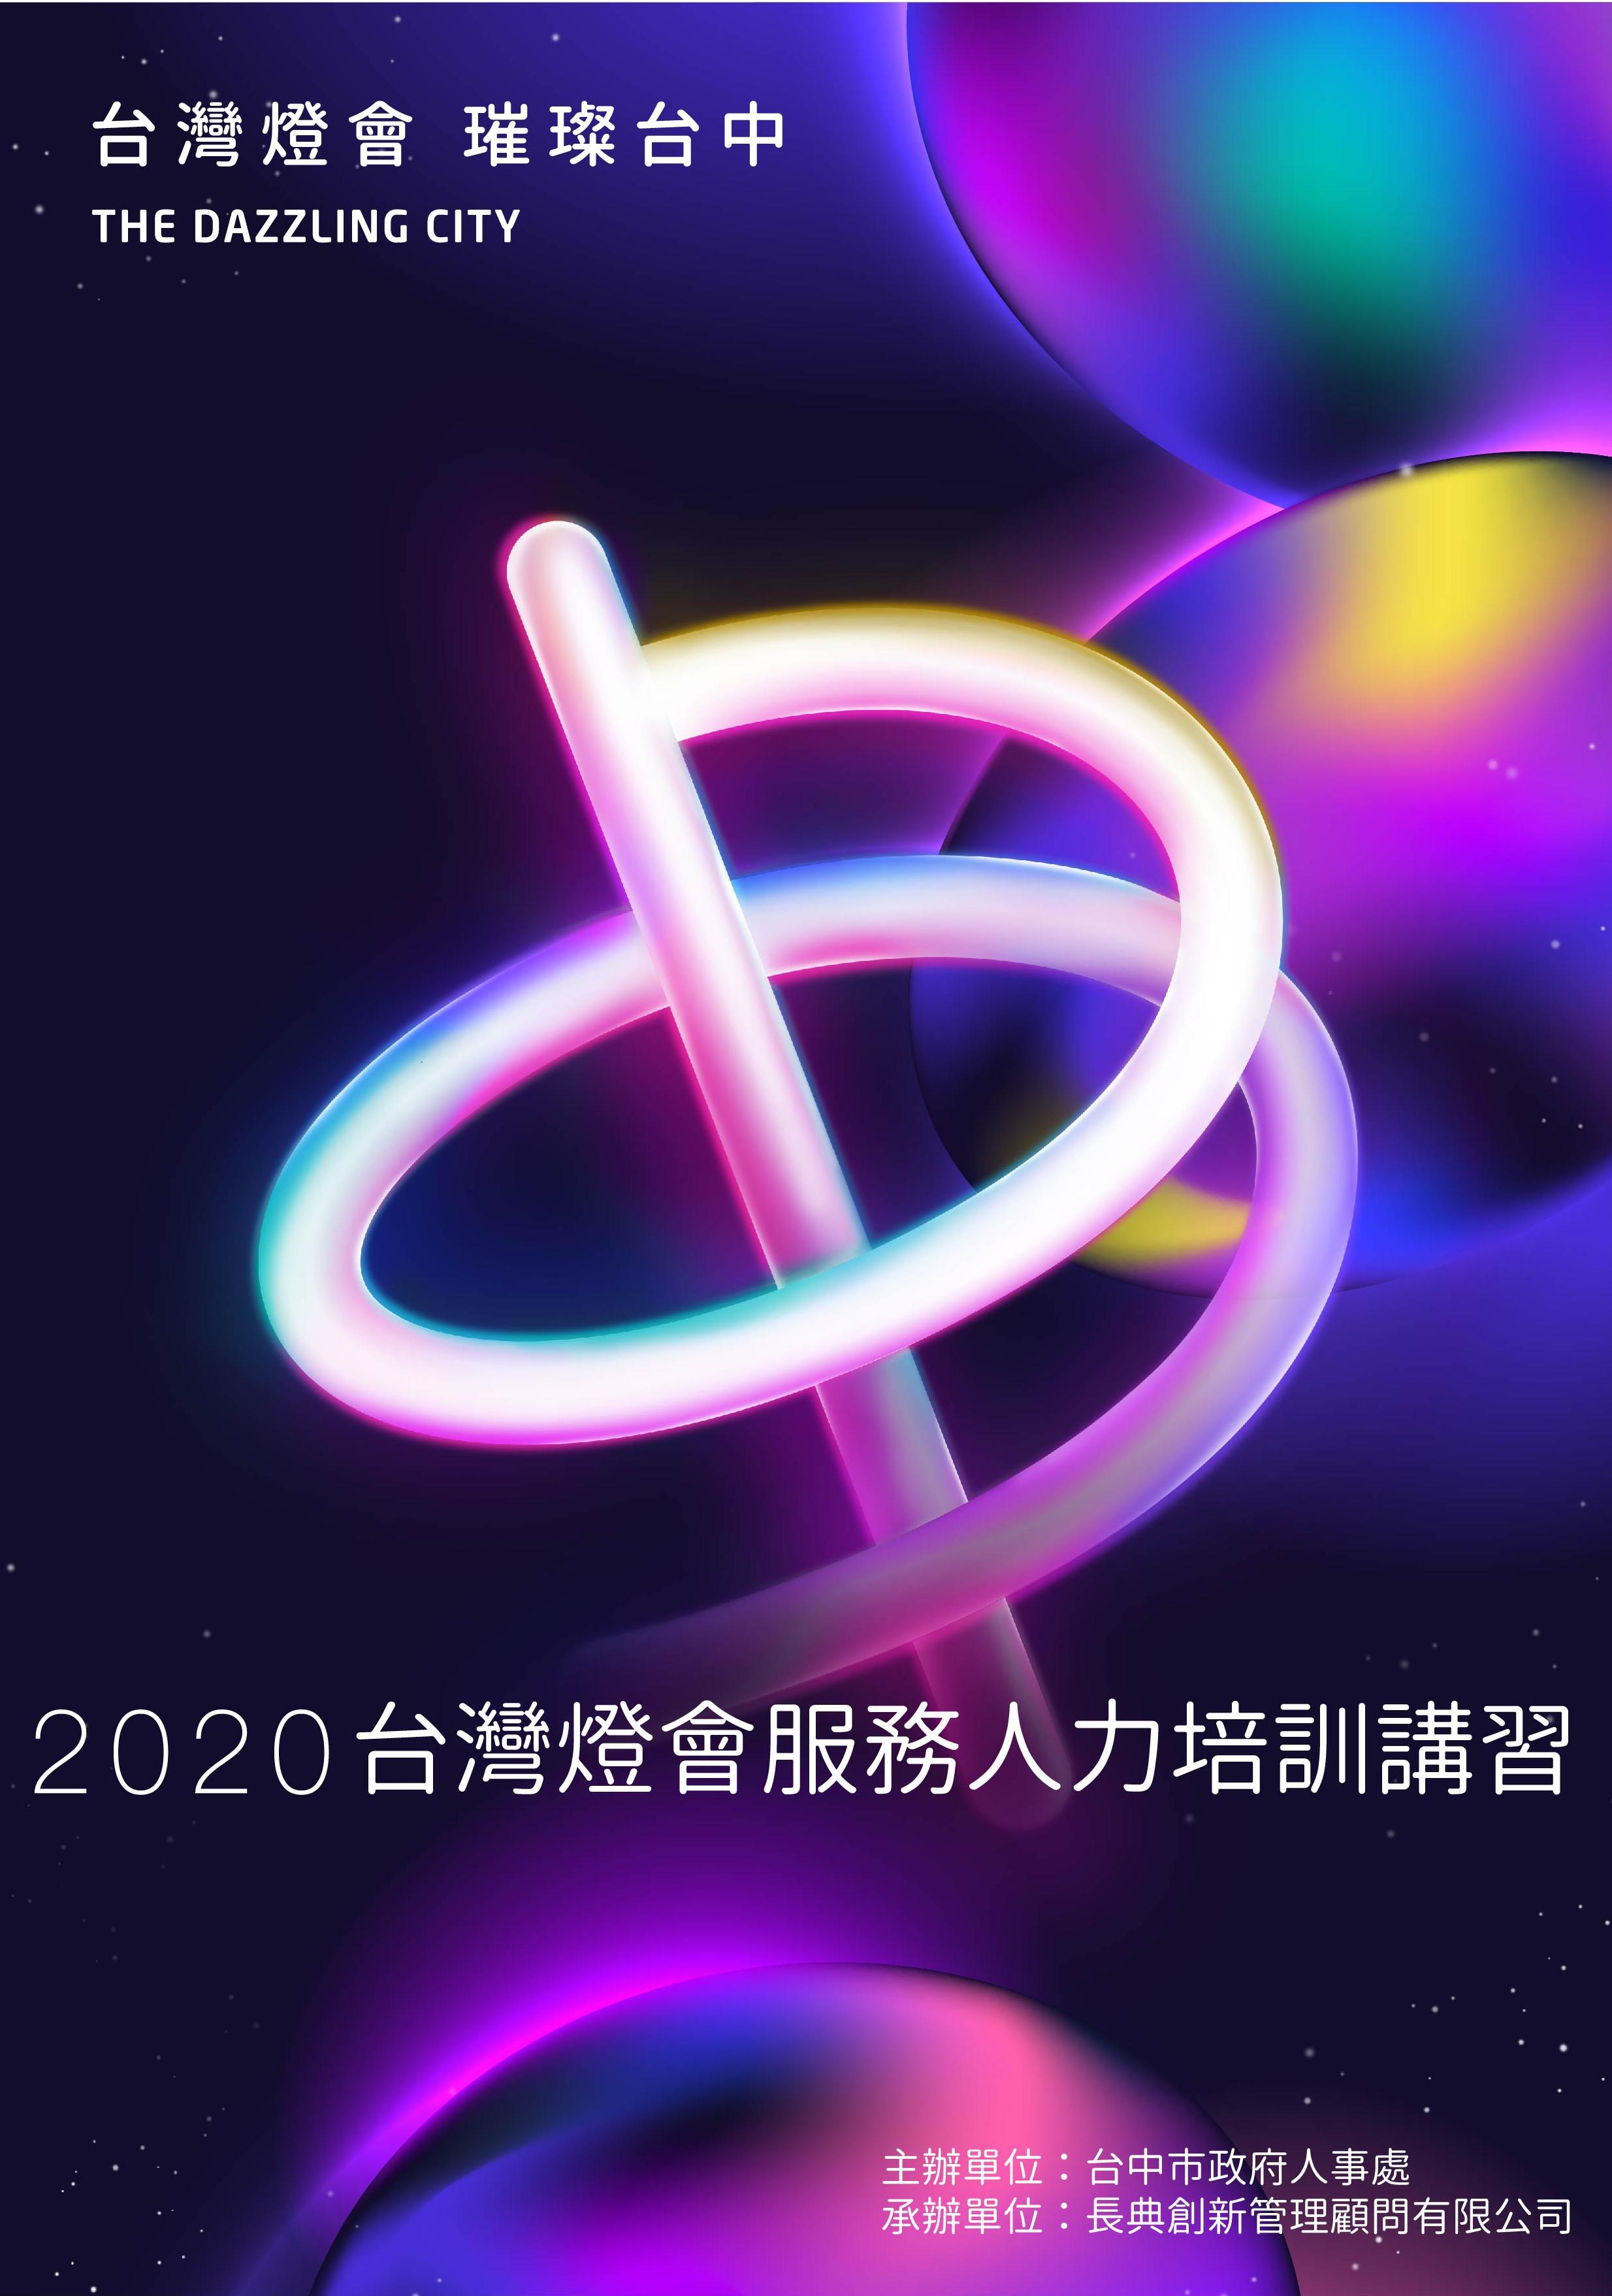 歡迎加入台灣燈會志工! 通識培訓課程將開跑